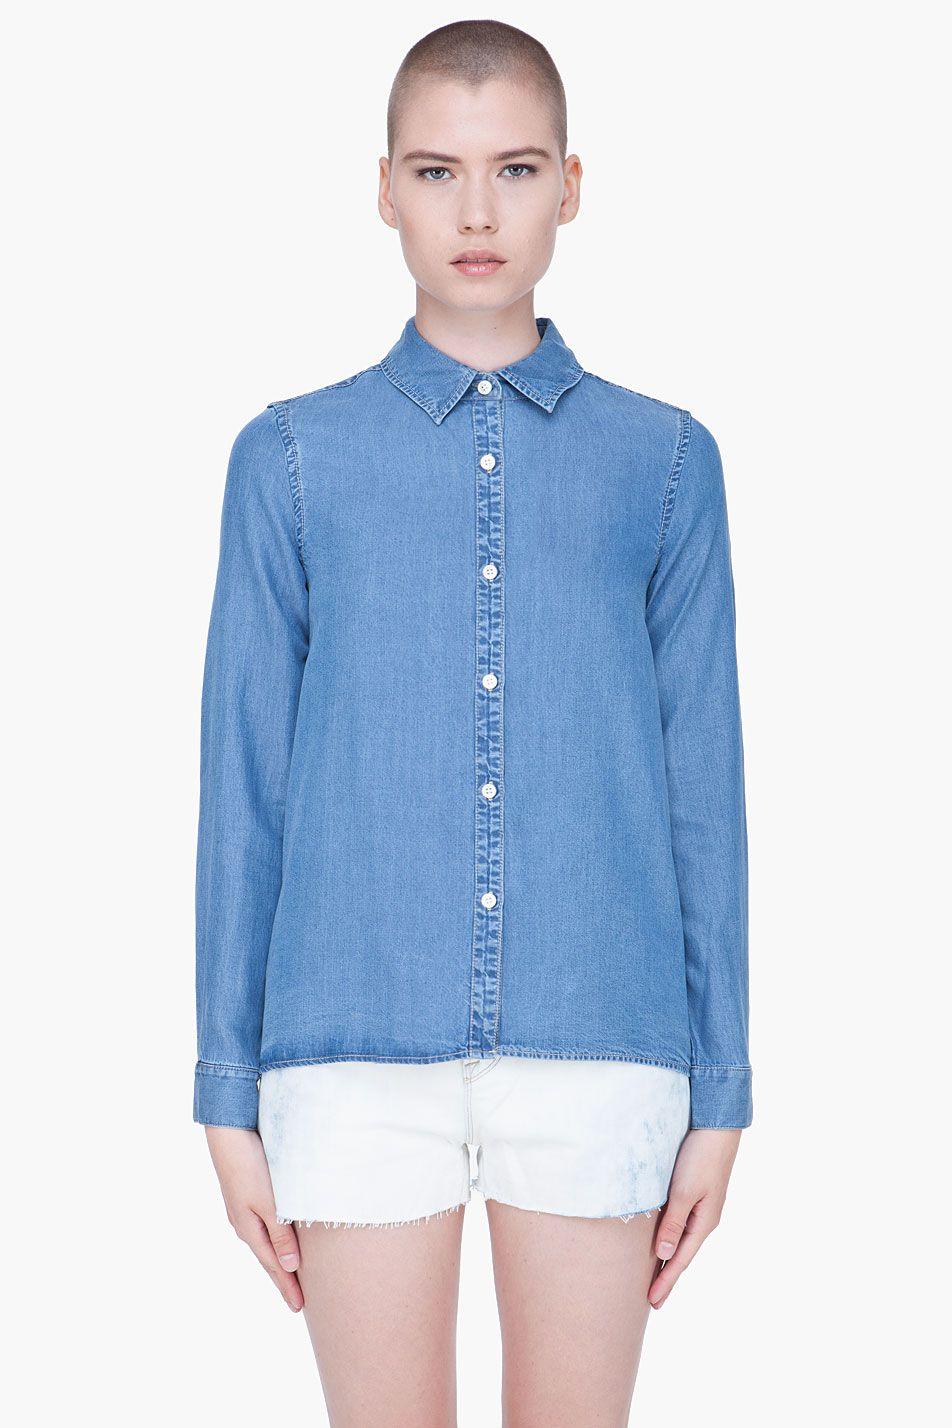 O jeans claro é tendência do próximo verão.